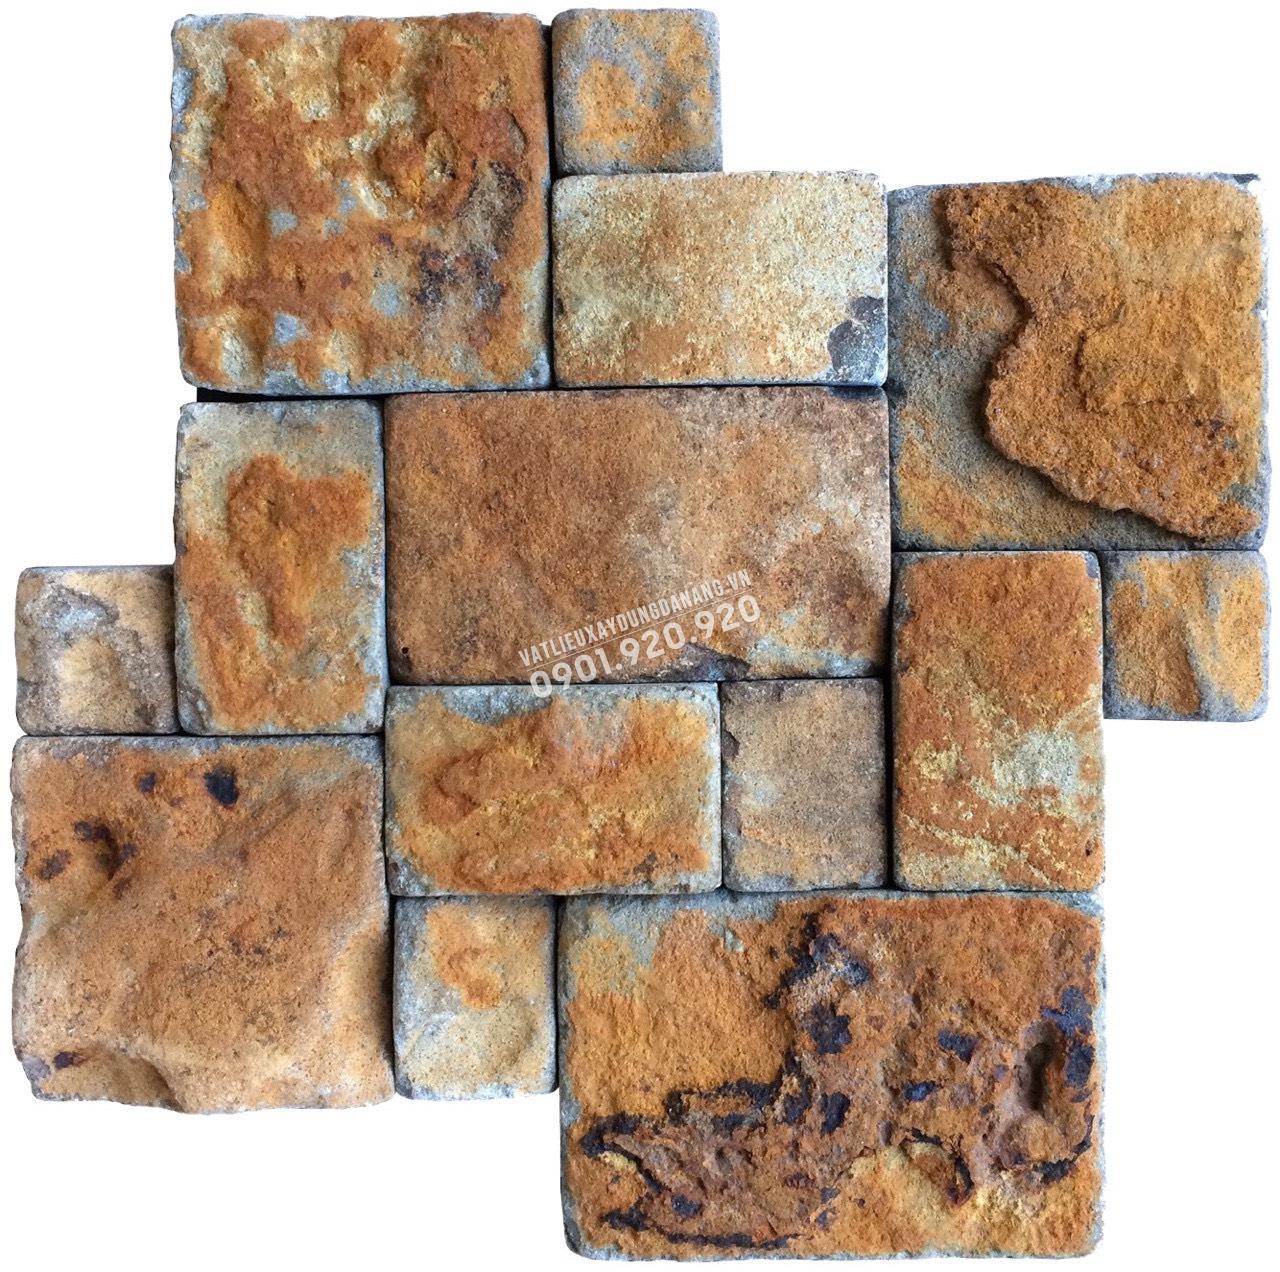 đá mosaic vàng bìa tự nhiên